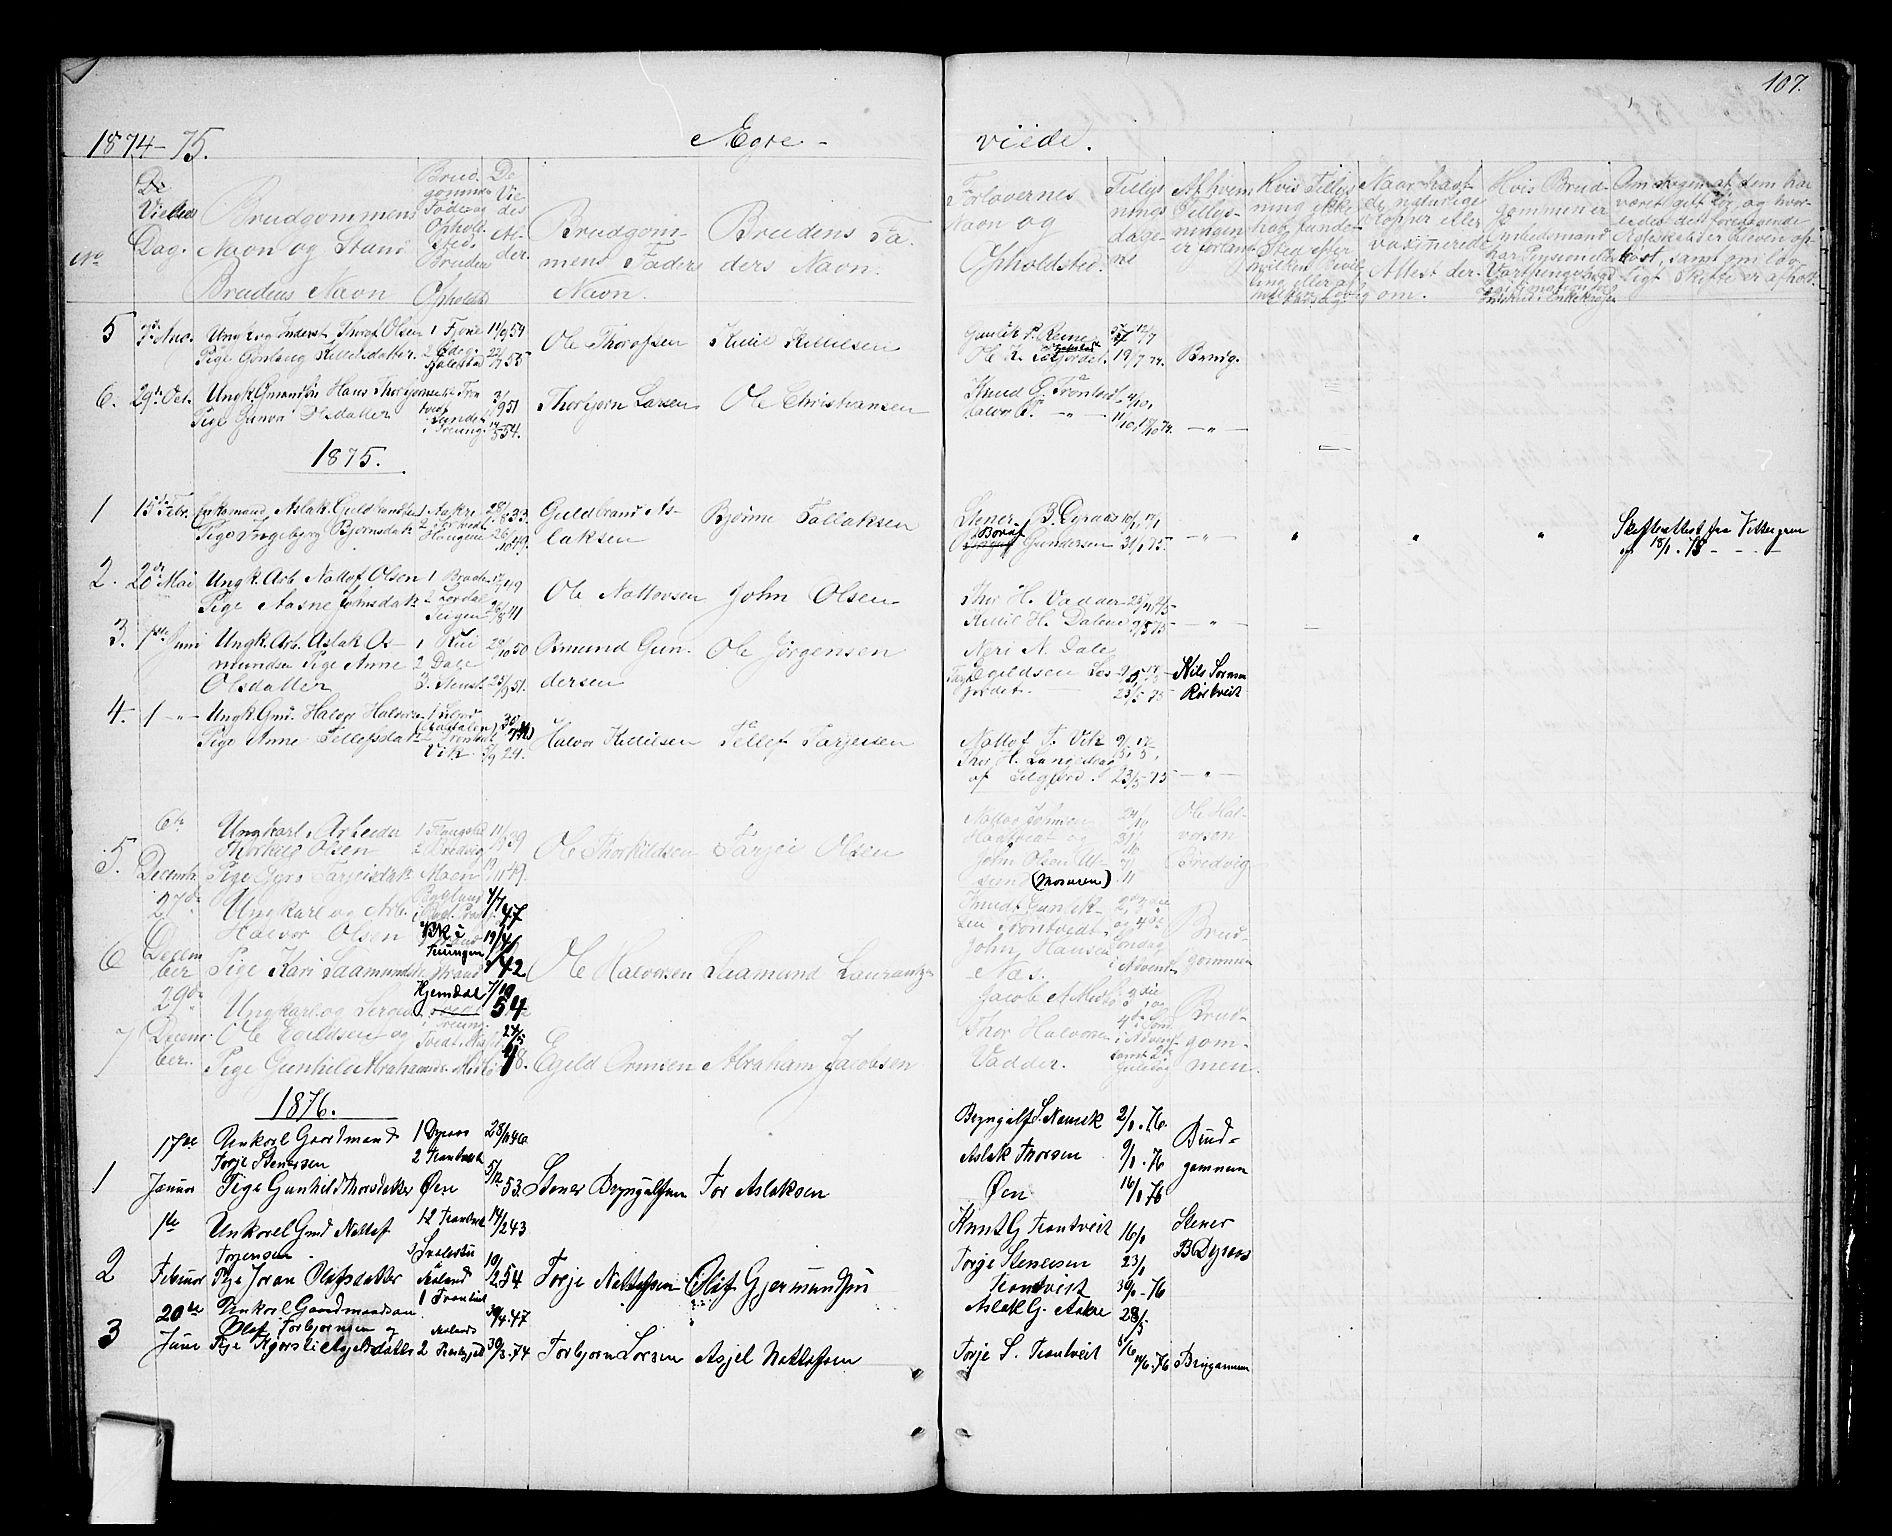 SAKO, Nissedal kirkebøker, G/Ga/L0002: Klokkerbok nr. I 2, 1861-1887, s. 107